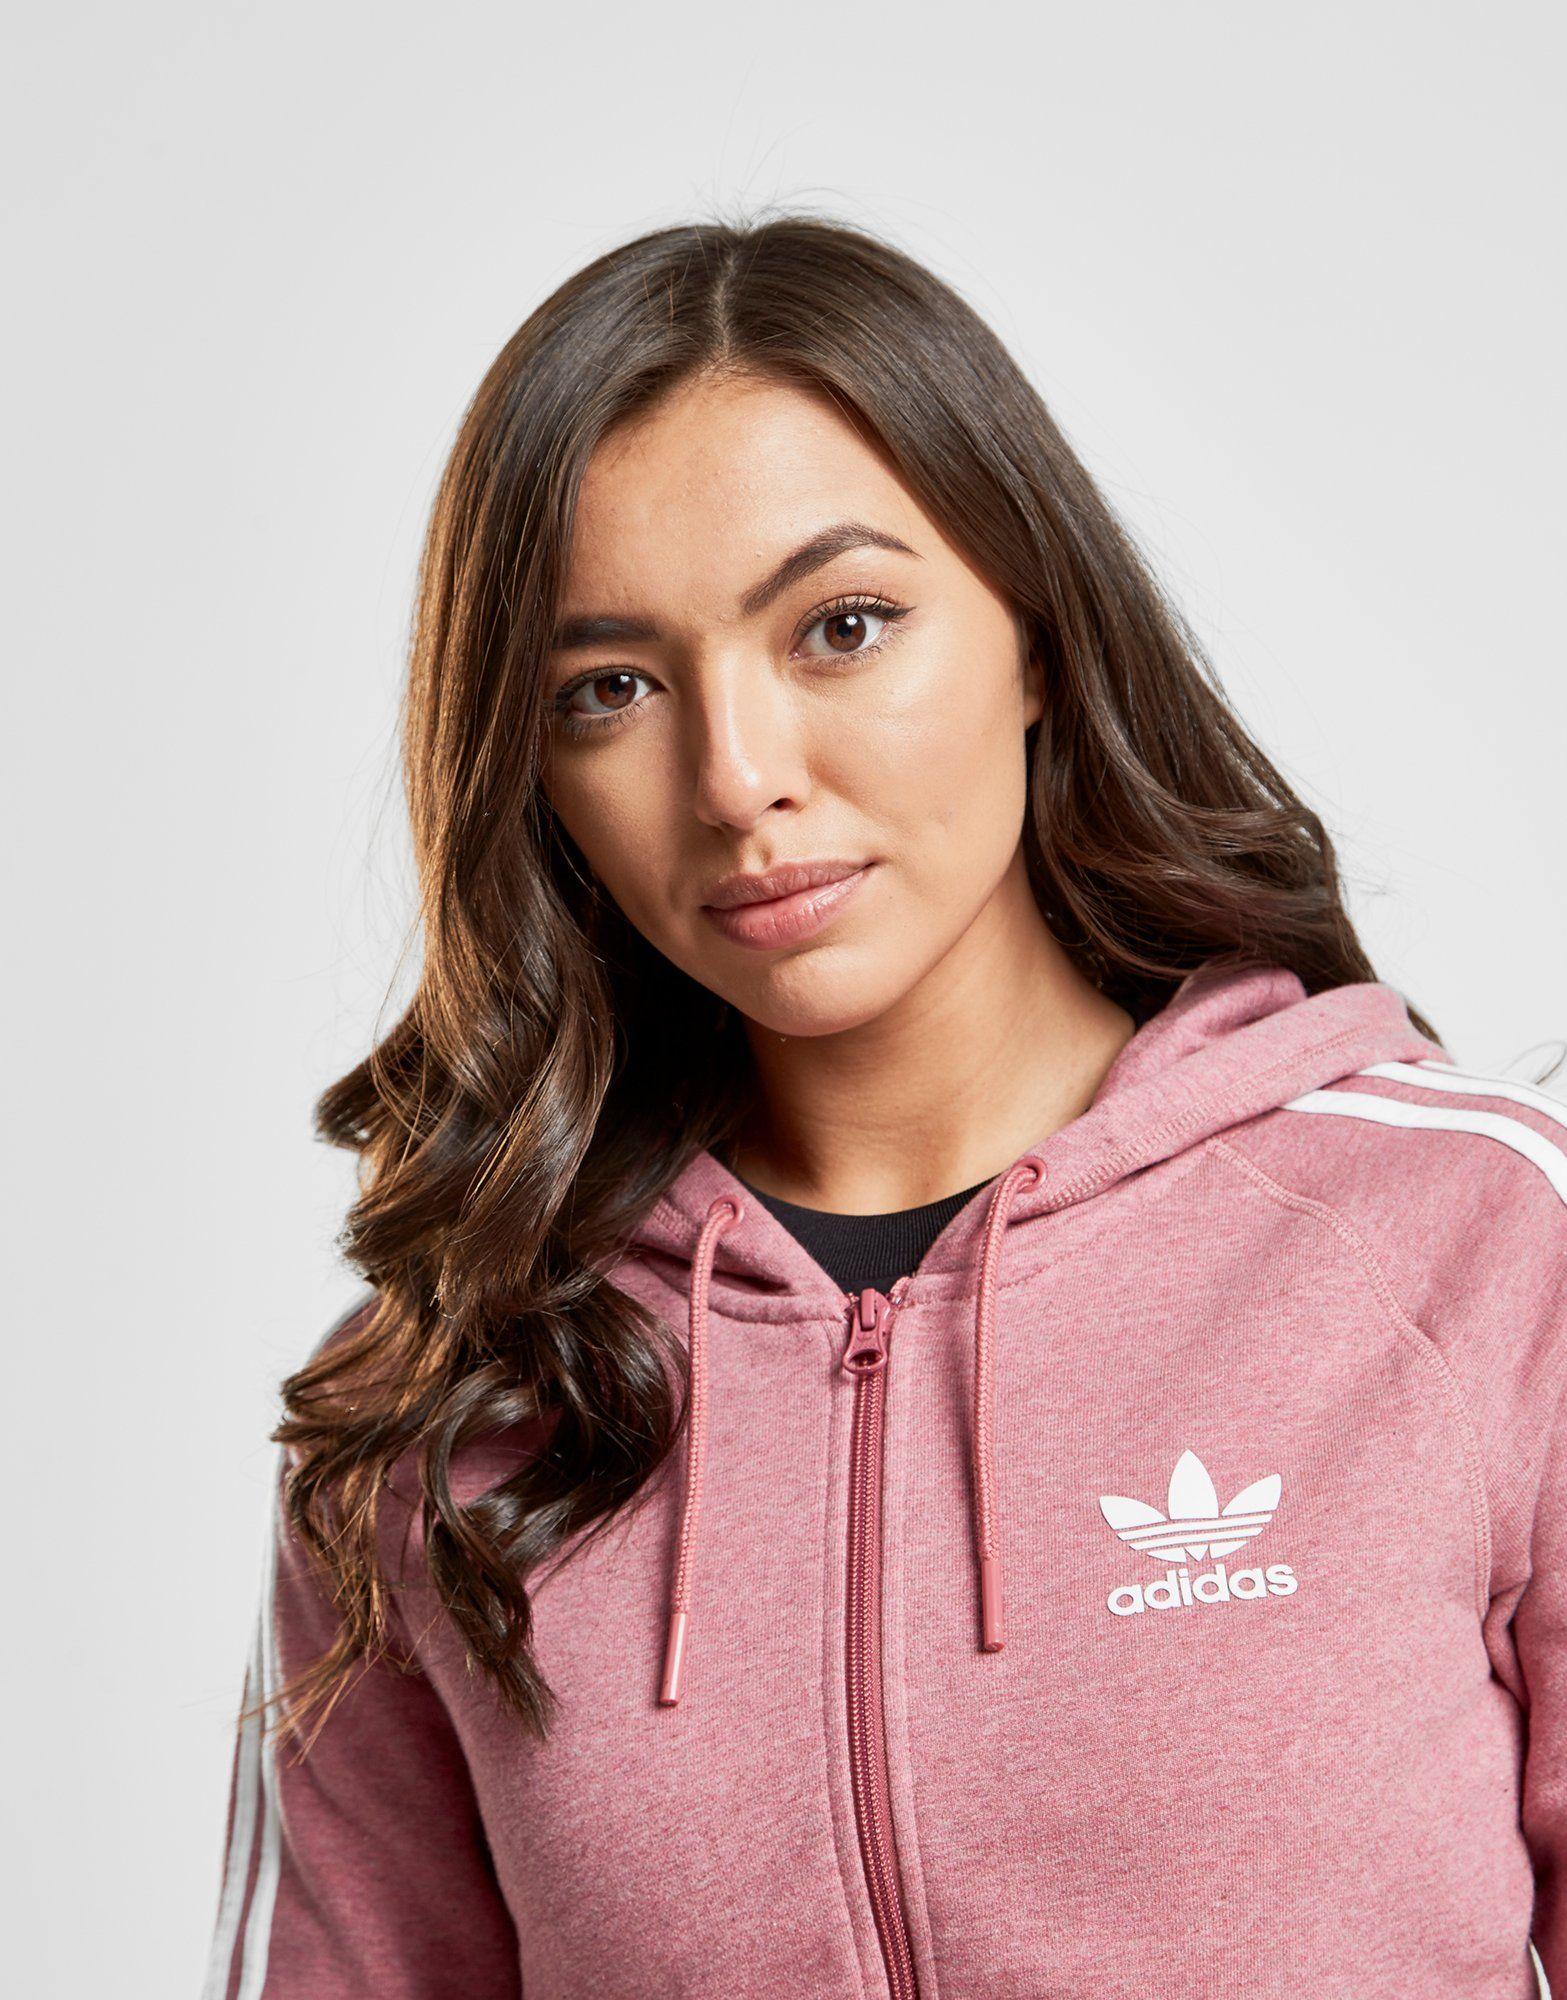 adidas Originals 3-Stripes California Full Zip Hoodie